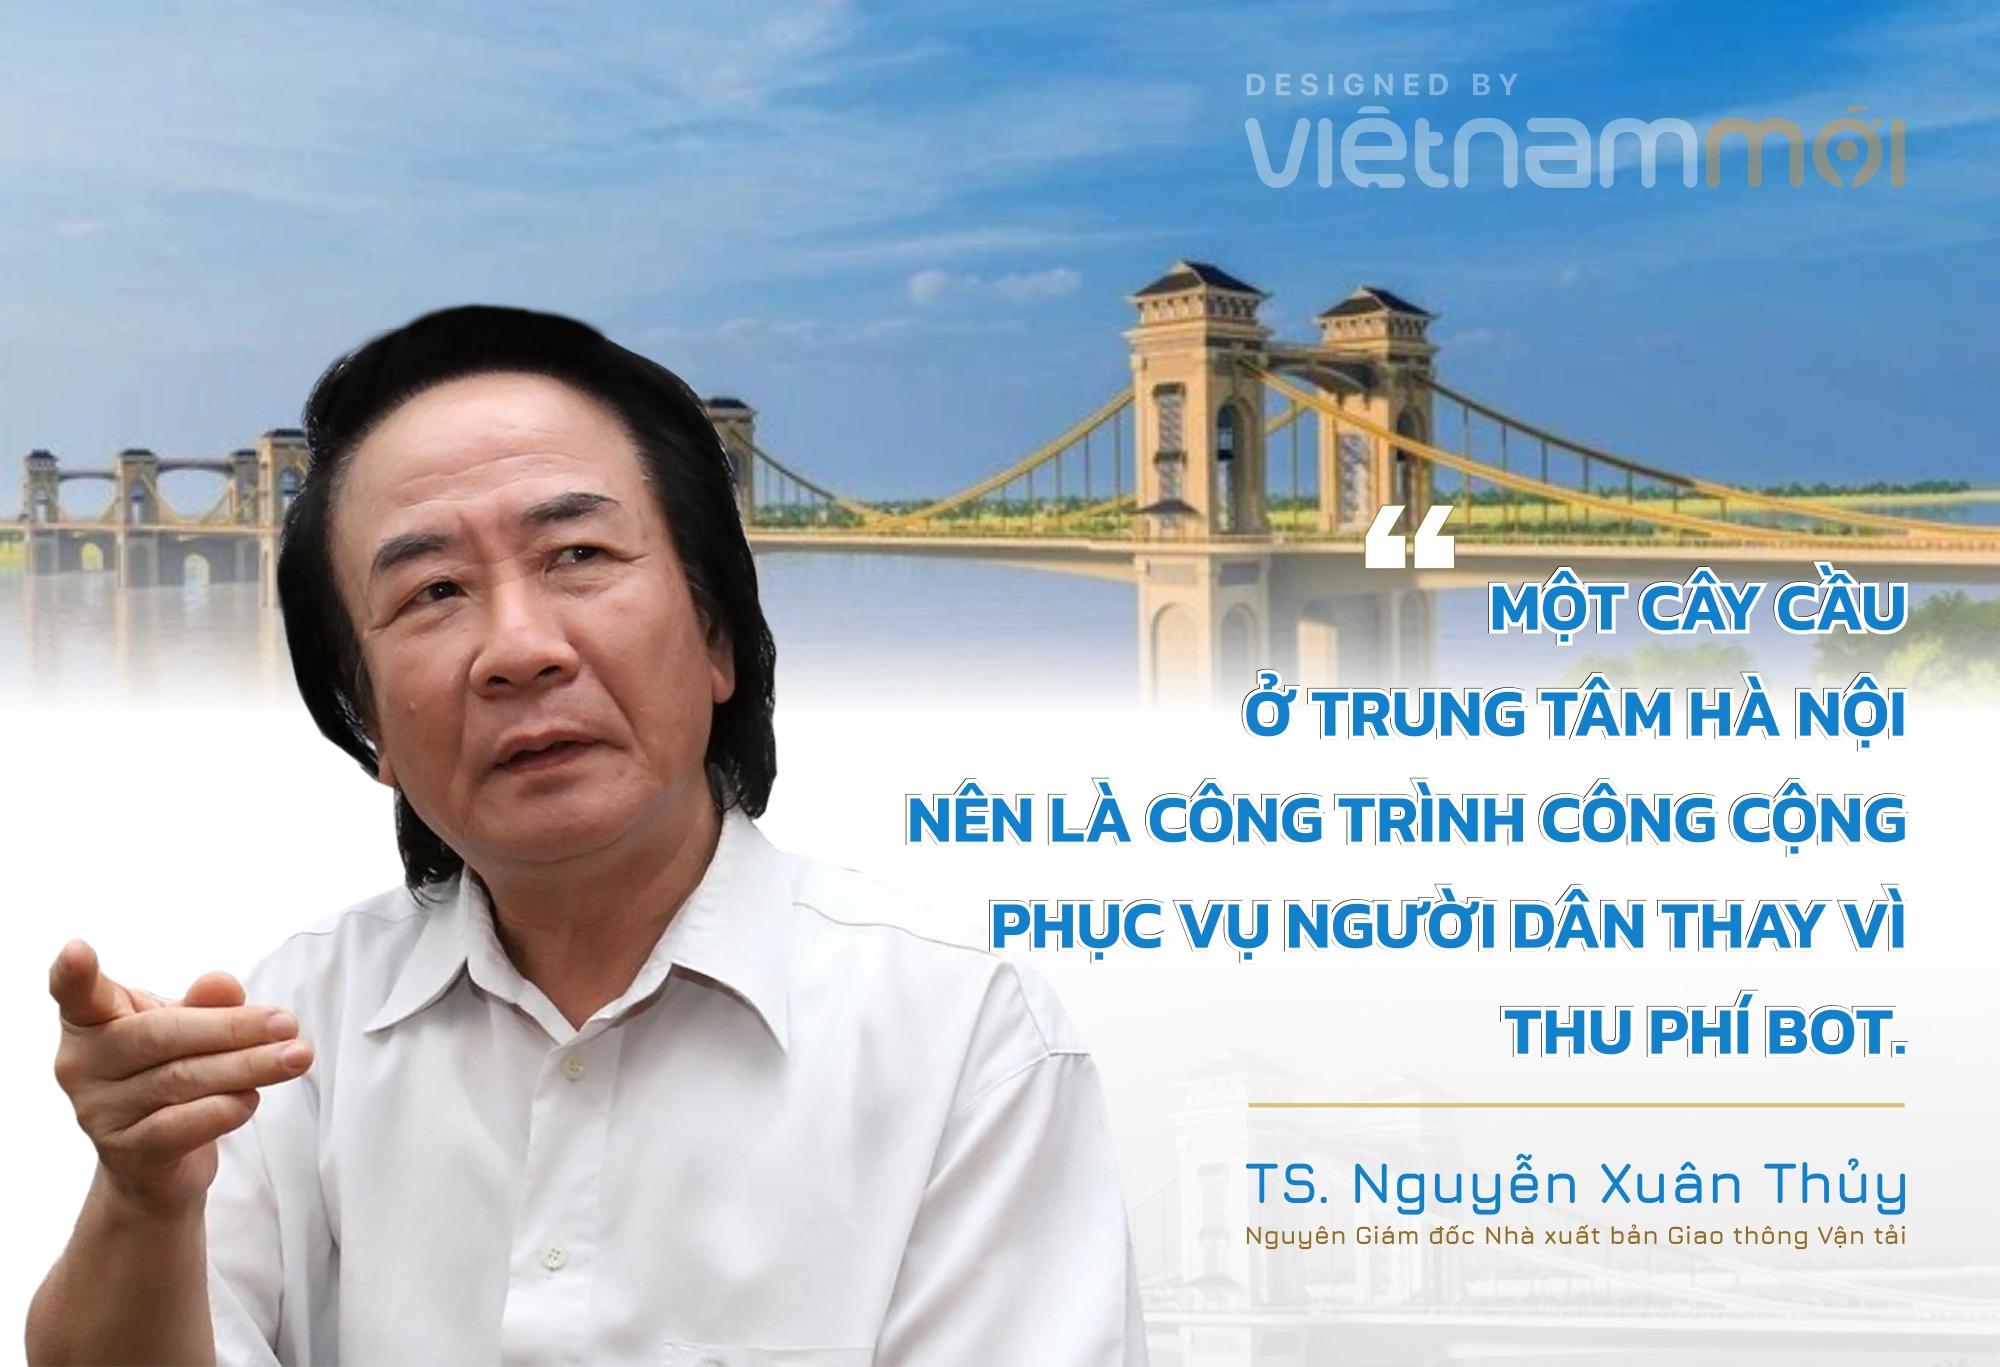 Dự án cầu Trần Hưng Đạo: 'Không nên thương mại hóa giao thông bằng BOT'  - Ảnh 2.